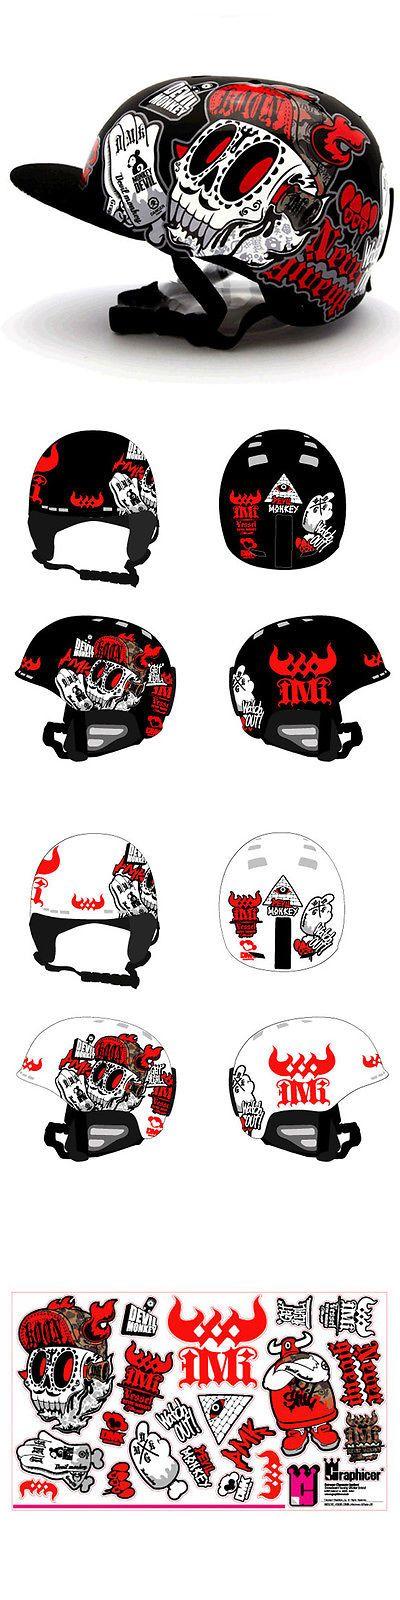 Helmet Accessories 177865: Motorcycle Helmet Decal Sticker Snowboarding Biker Hard Hat - Graphicer Dmk 06 BUY IT NOW ONLY: $38.9